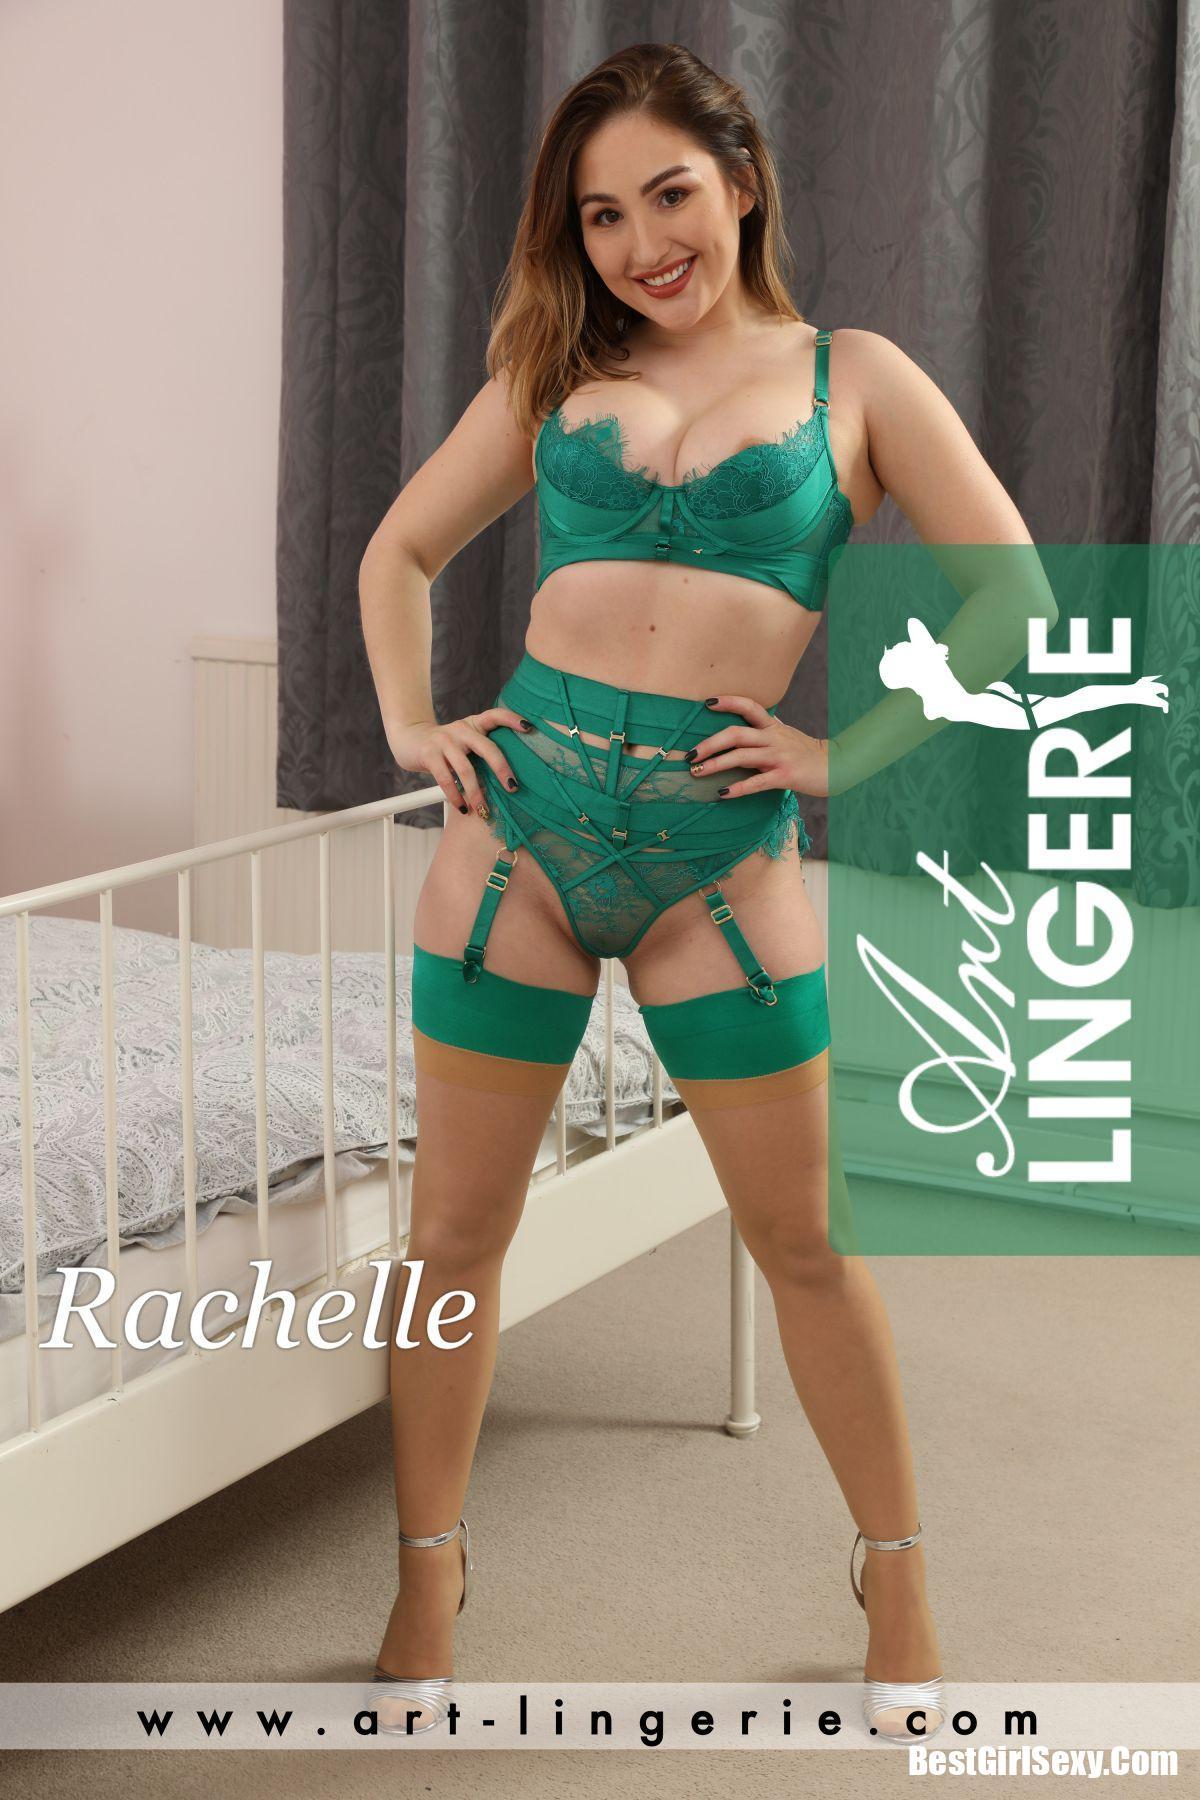 Art-Lingerie 官网未发布 Rachelle-1